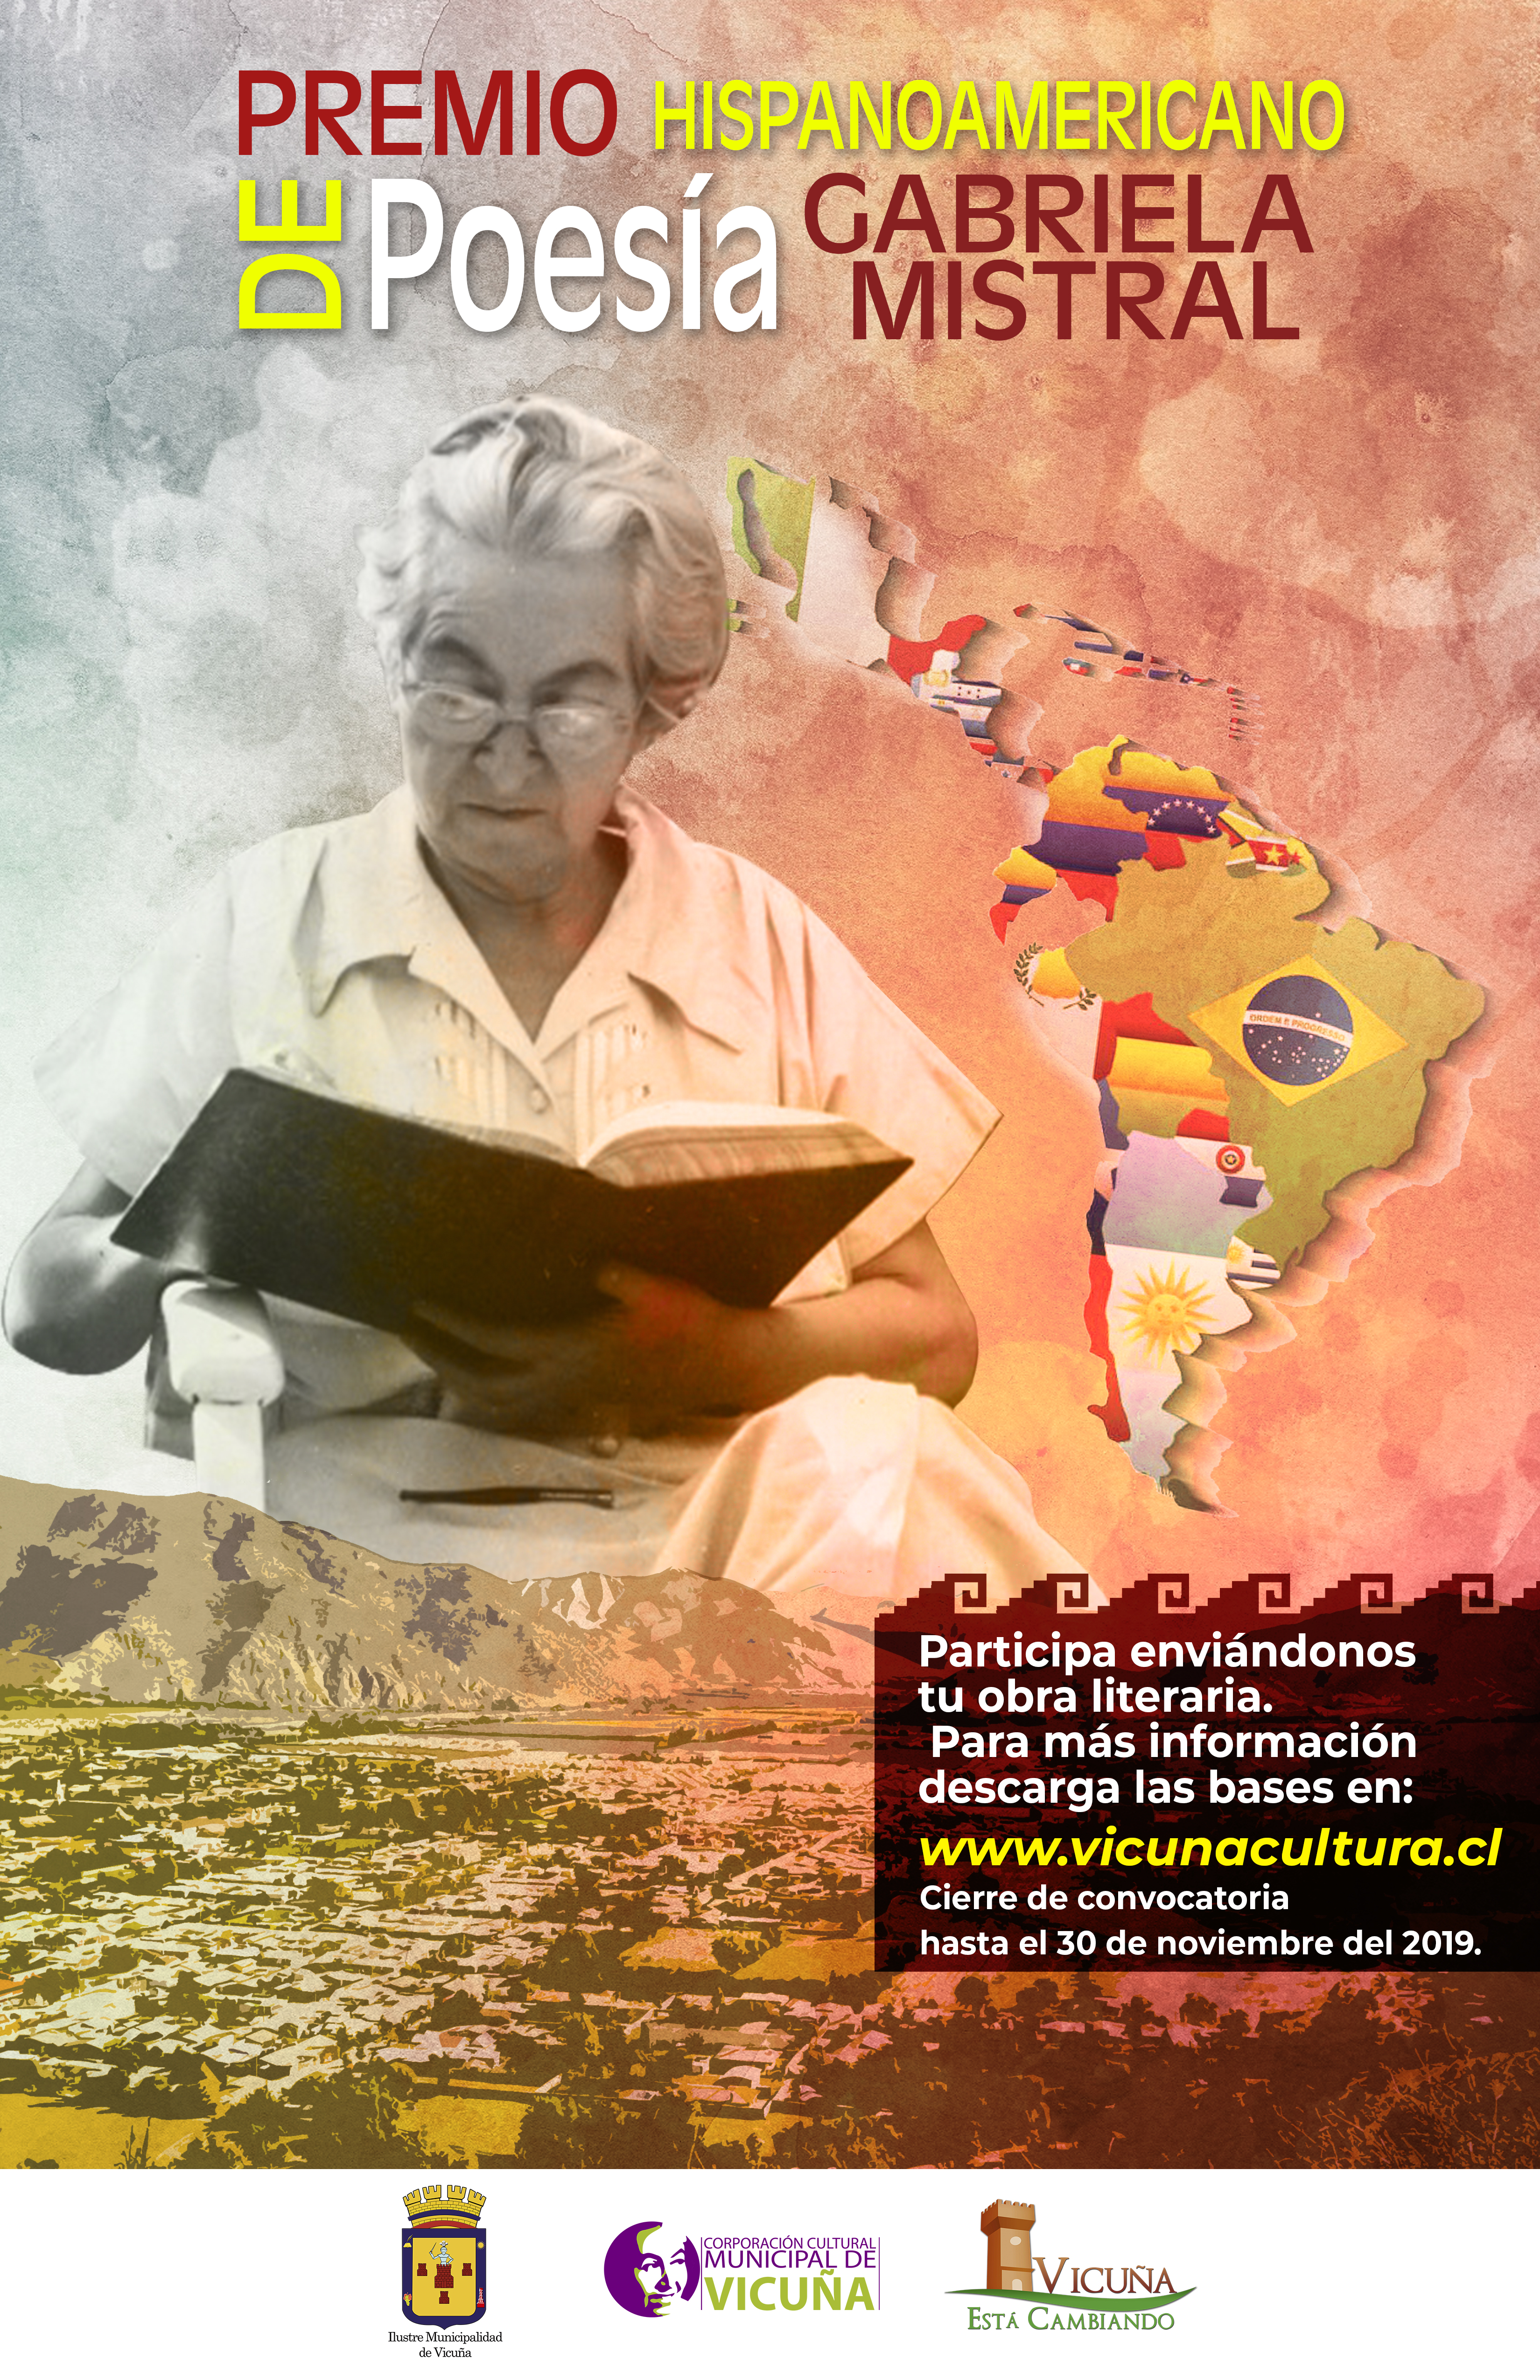 RESTAN 6 DÍAS PARA EL CIERRE DE POSTULACIÓN DE CONCURSO LITERARIO EN HOMENAJE A GABRIELA MISTRAL